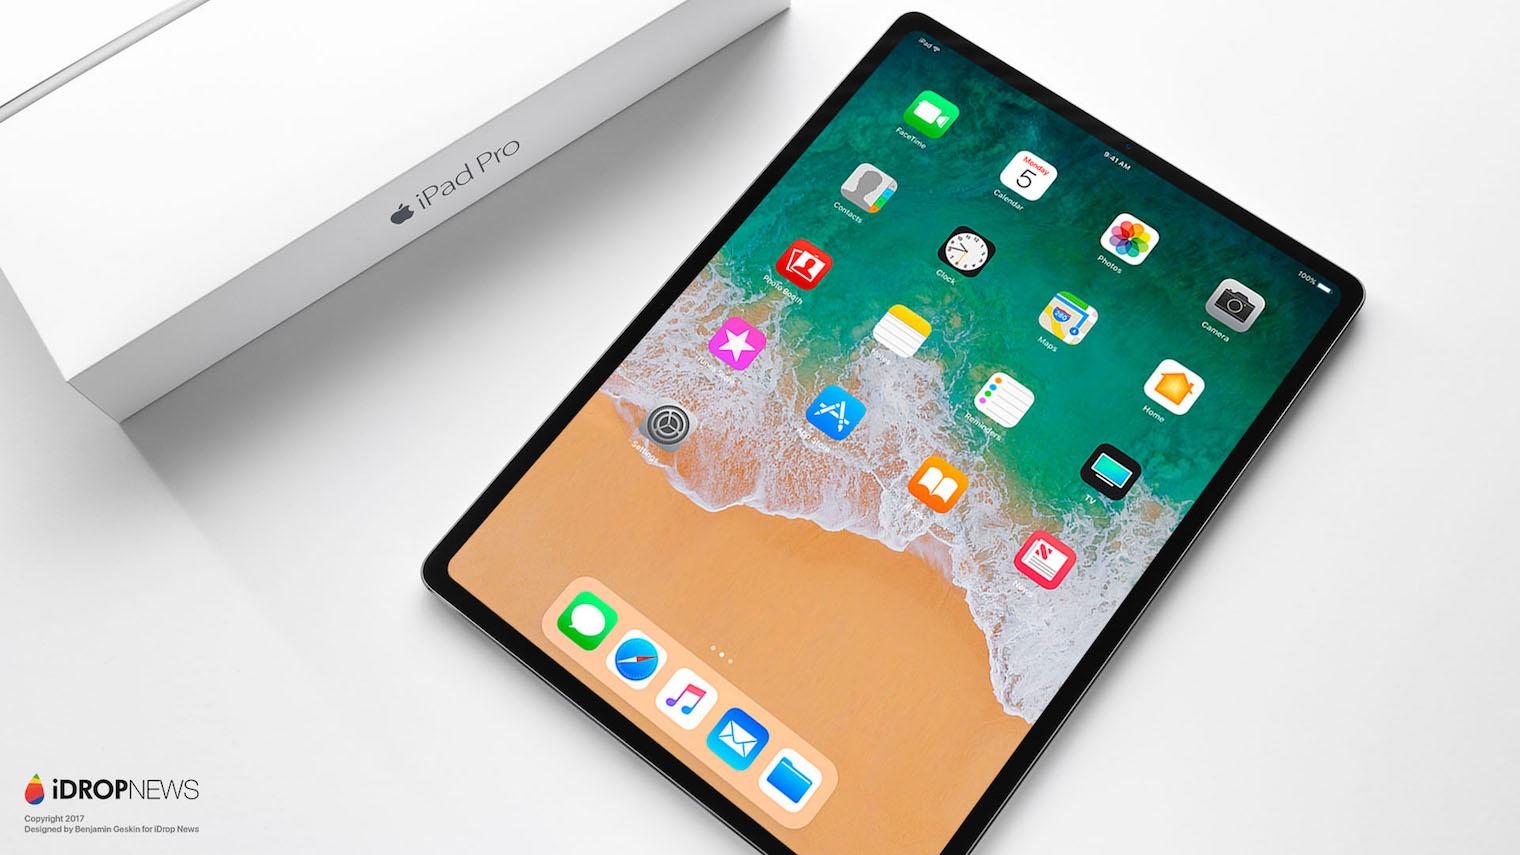 iPad2018_1_idropnews